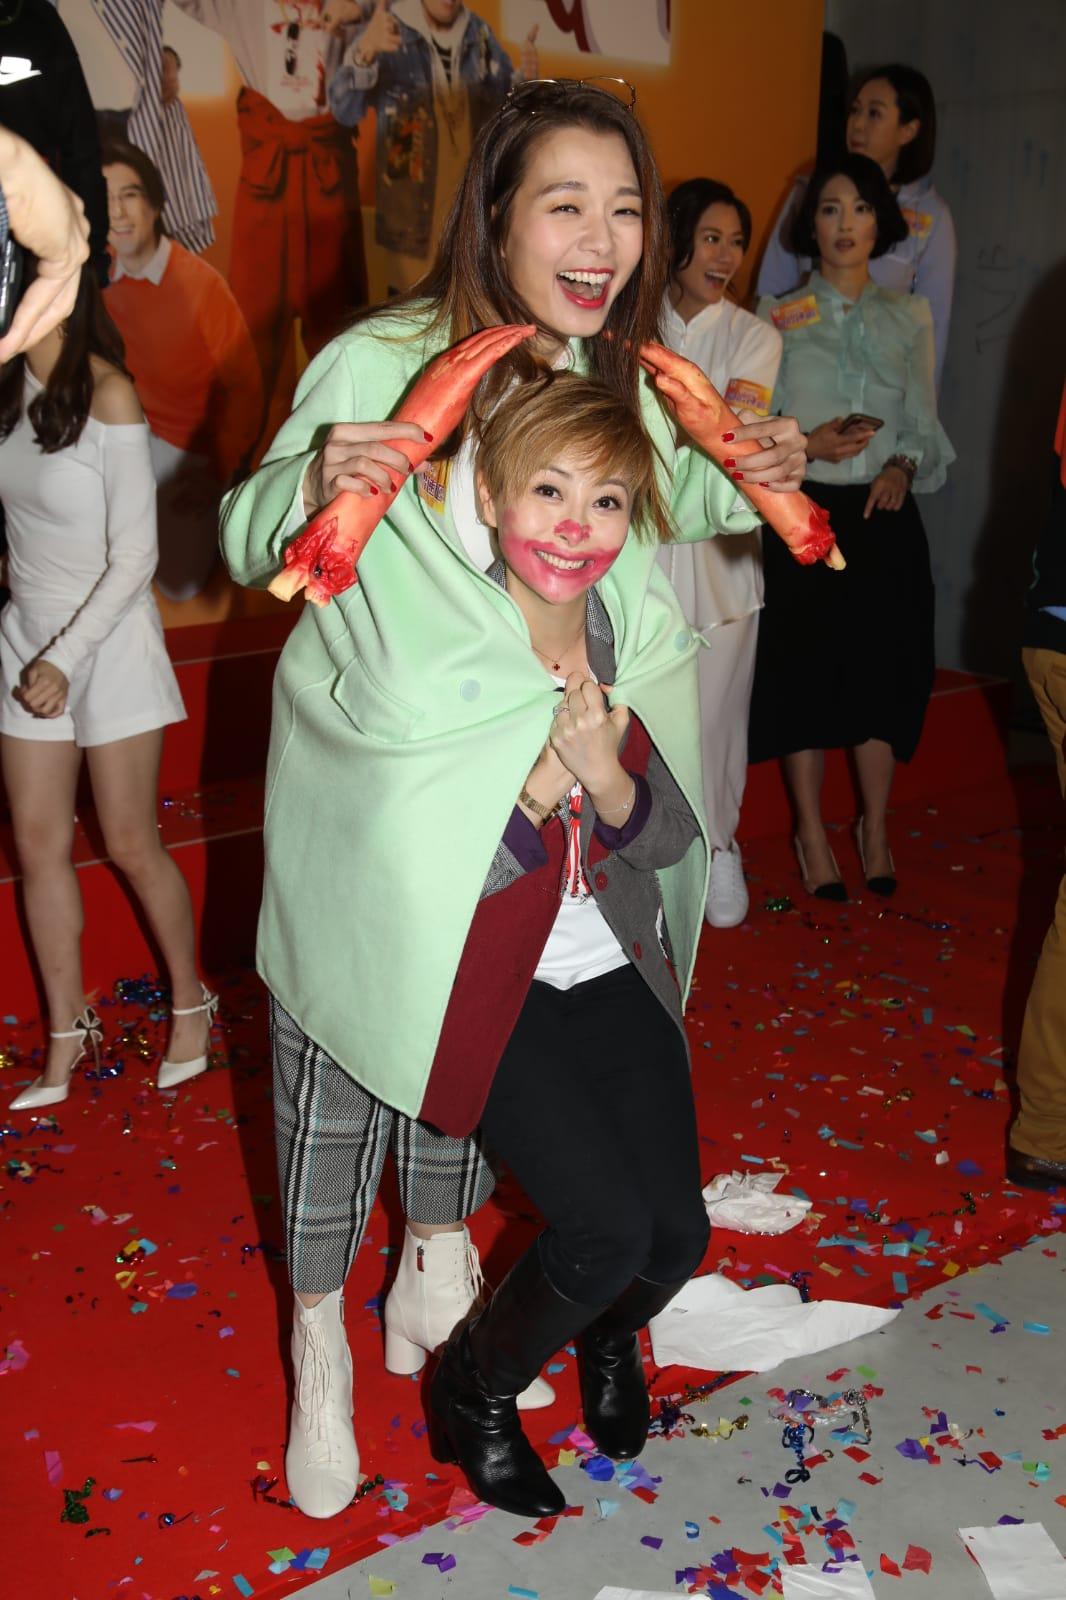 兩位媽媽在活動上玩得好開心。